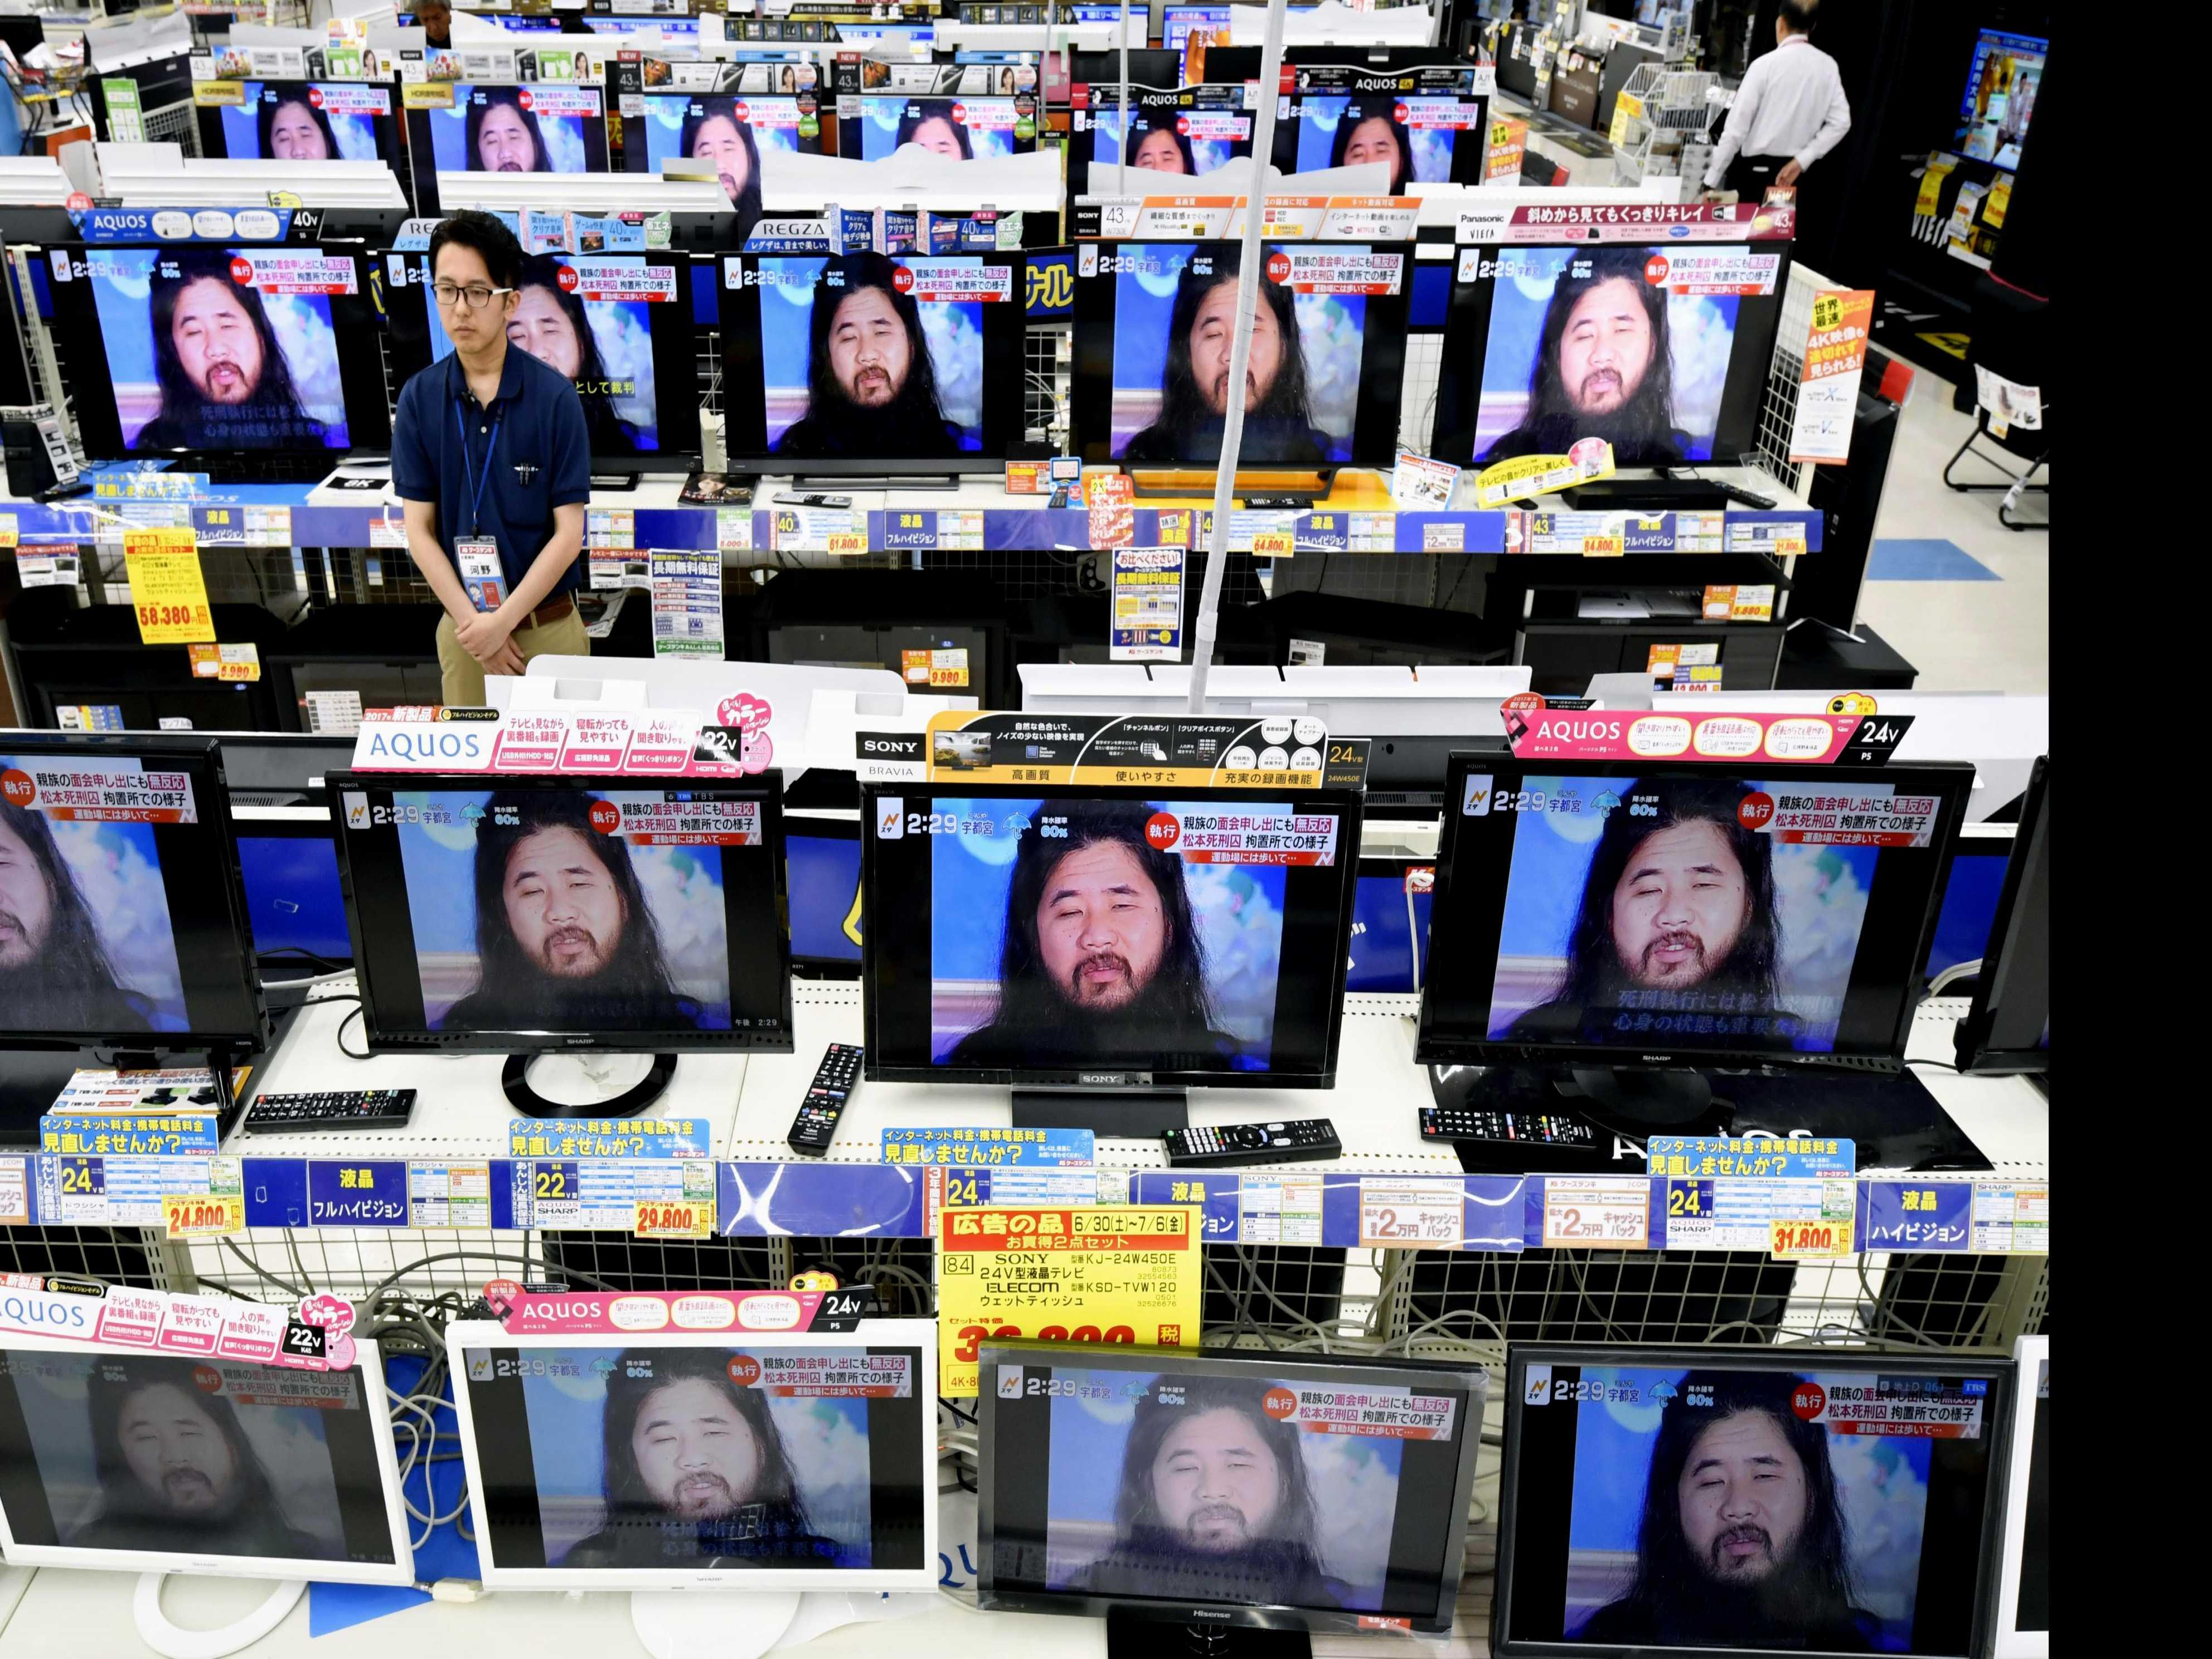 Japan Cult Leader's Hanging Closes Chapter on Shocking Crime